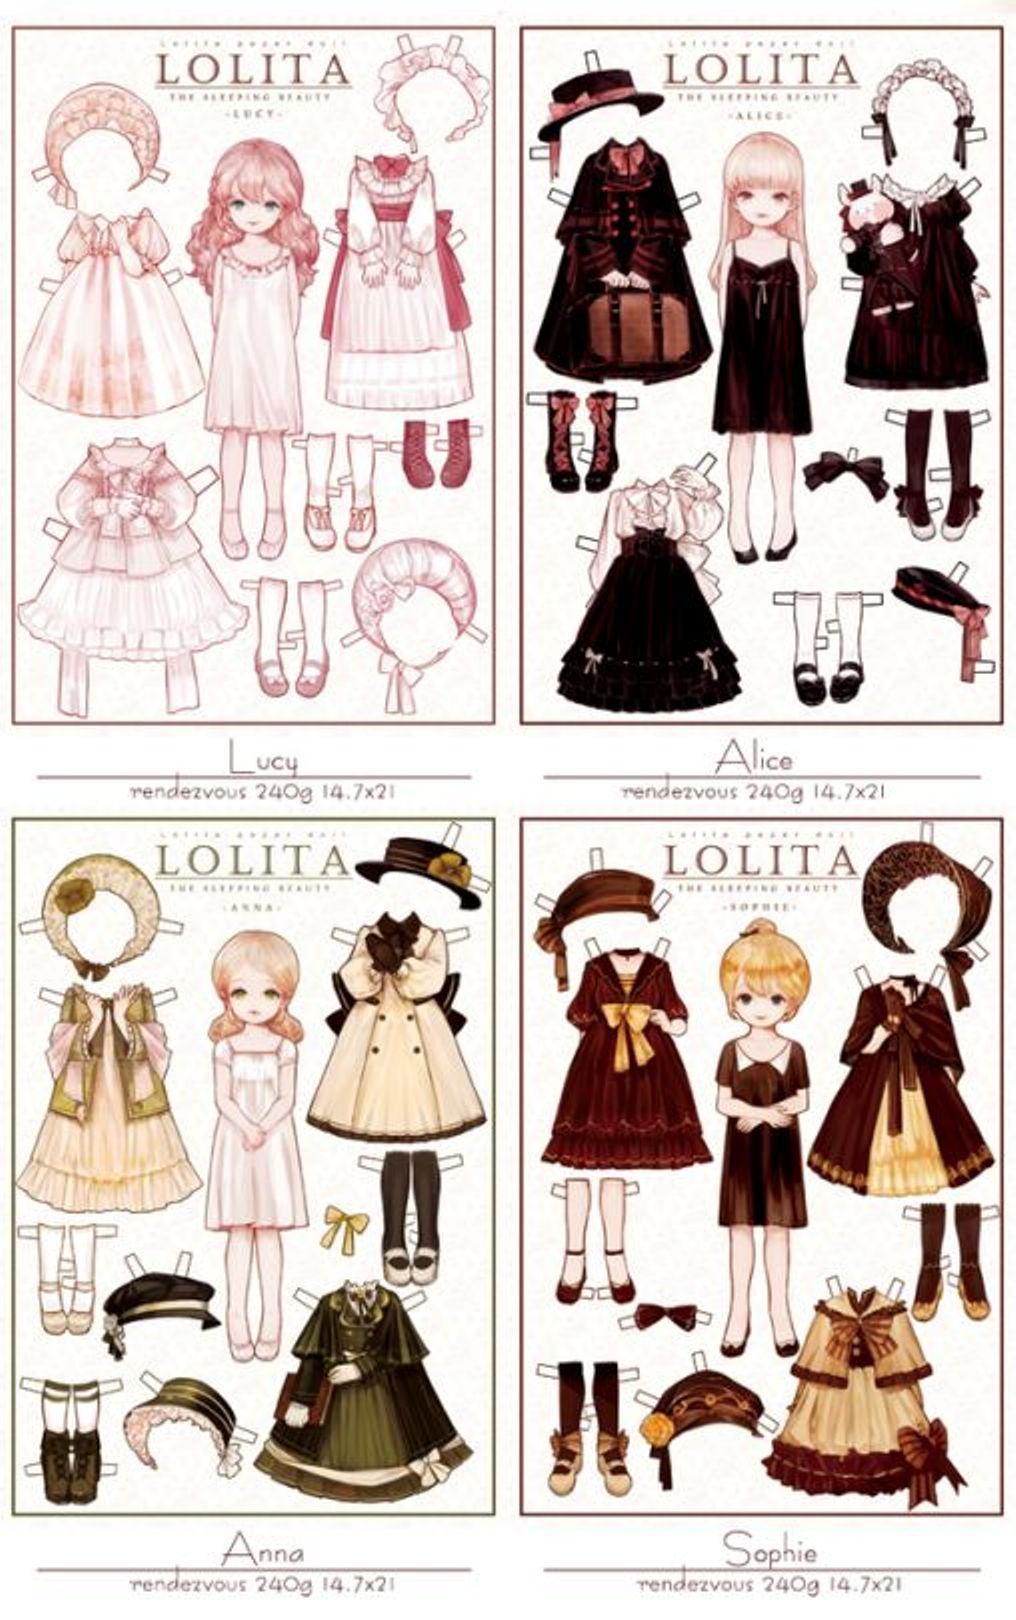 Lucy Alice Anna Sophie Little Paper Dolls From LOLITA Artist Syalgu